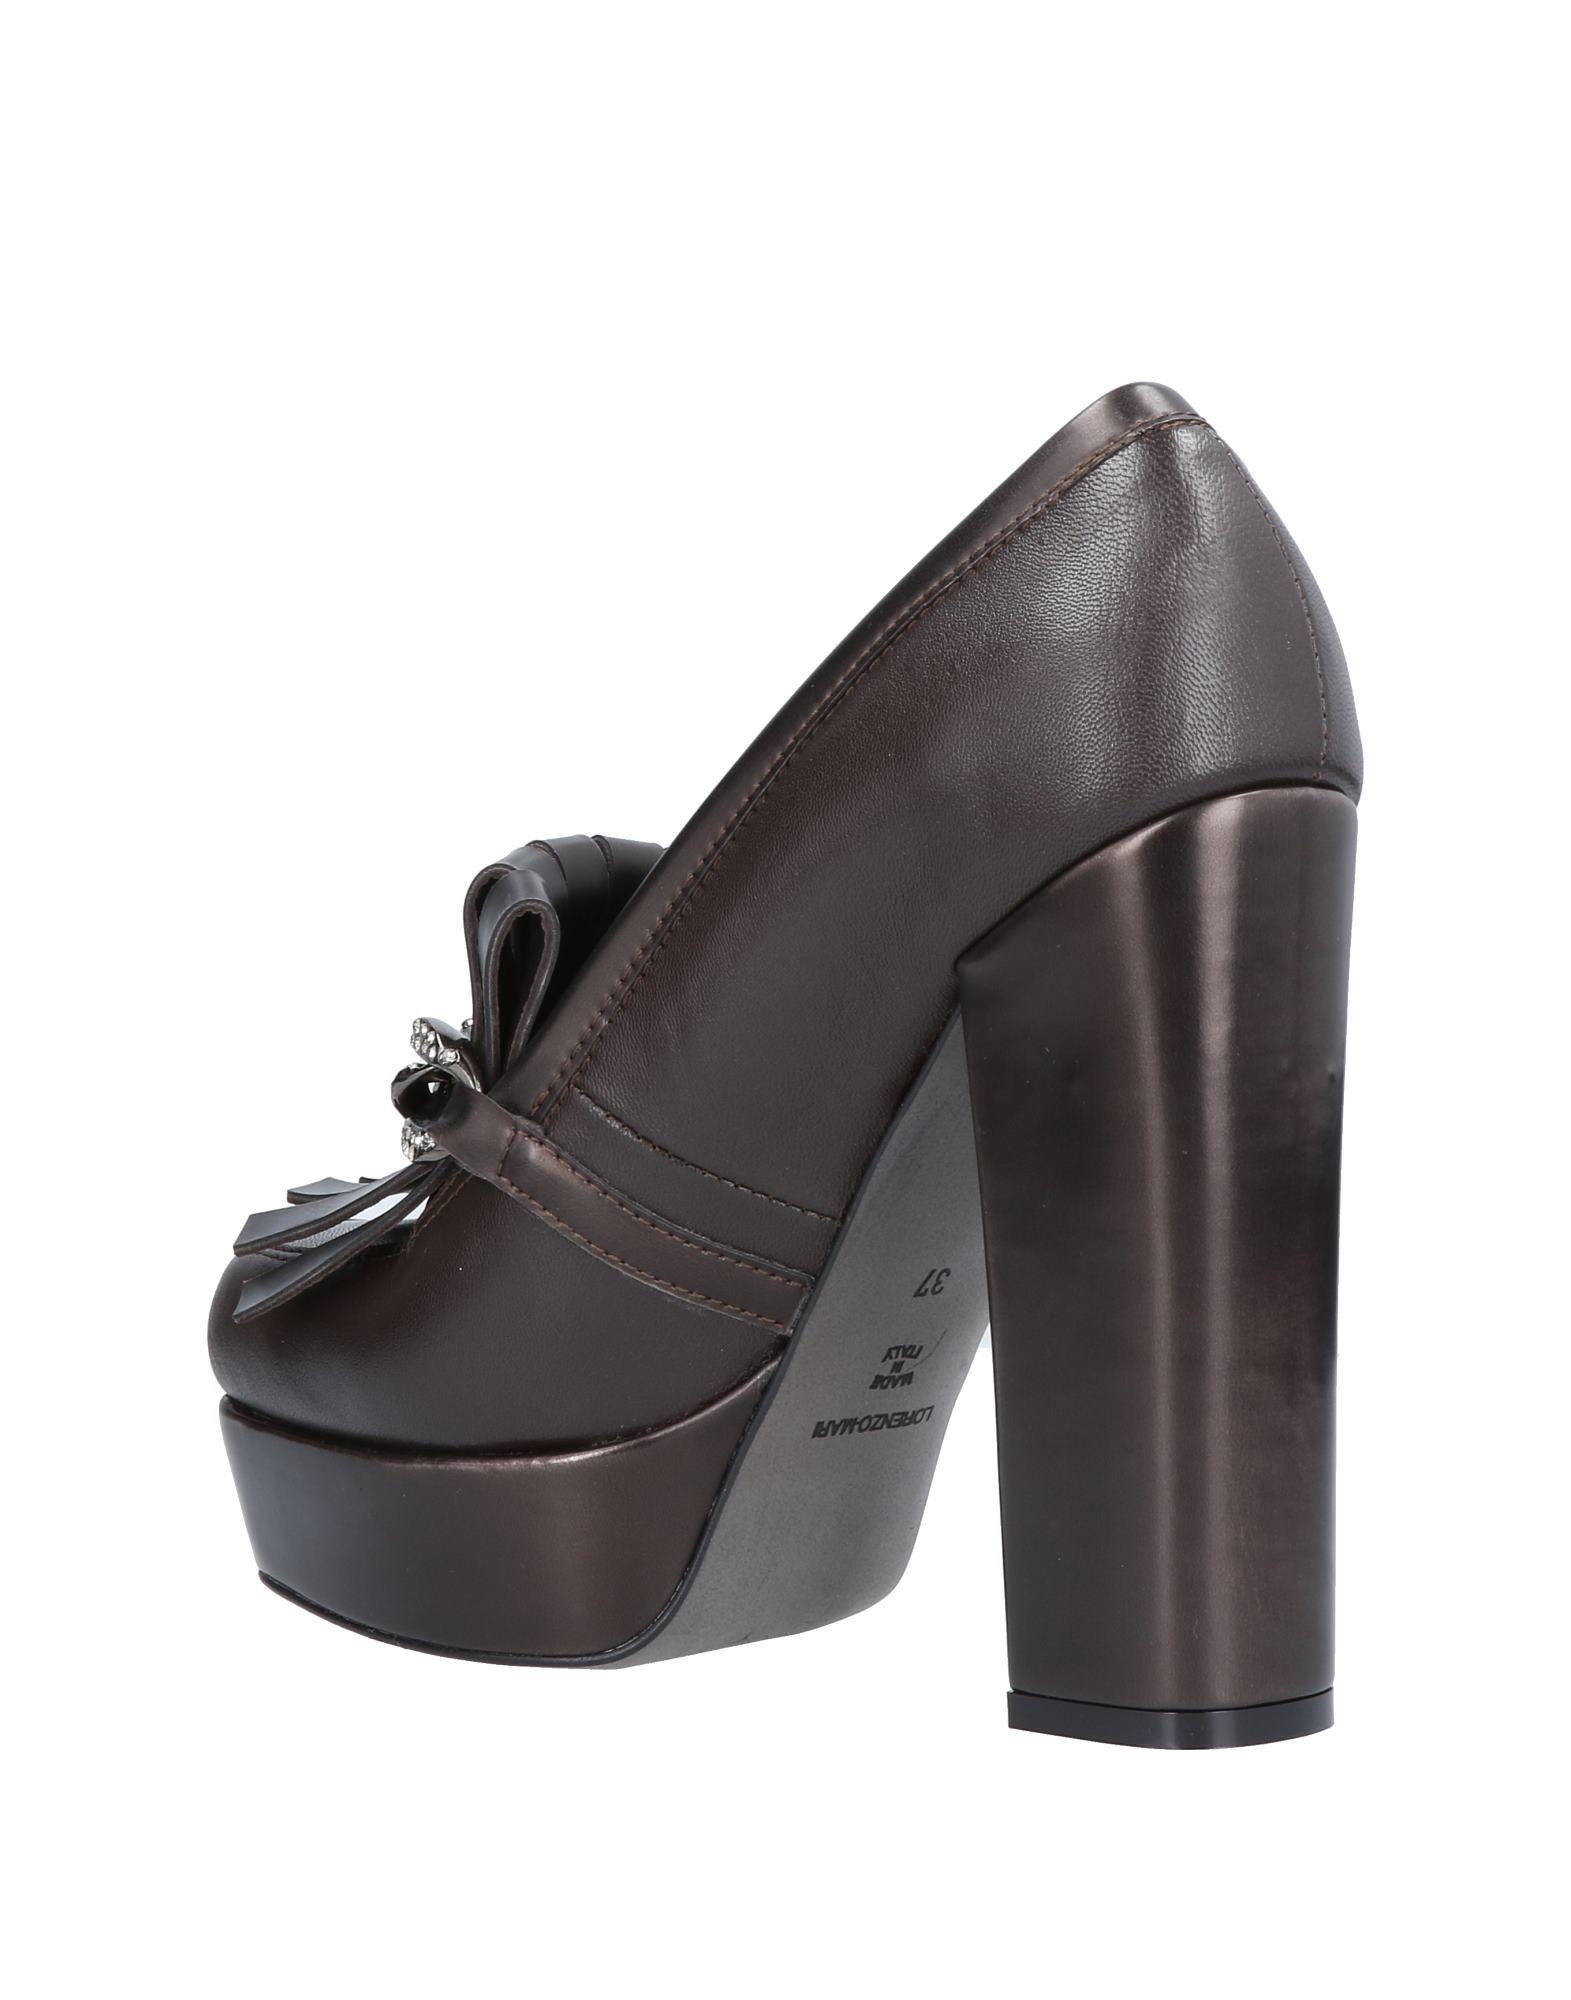 Lorenzo Mari Mokassins Damen beliebte  11488032RP Gute Qualität beliebte Damen Schuhe bfcb4a